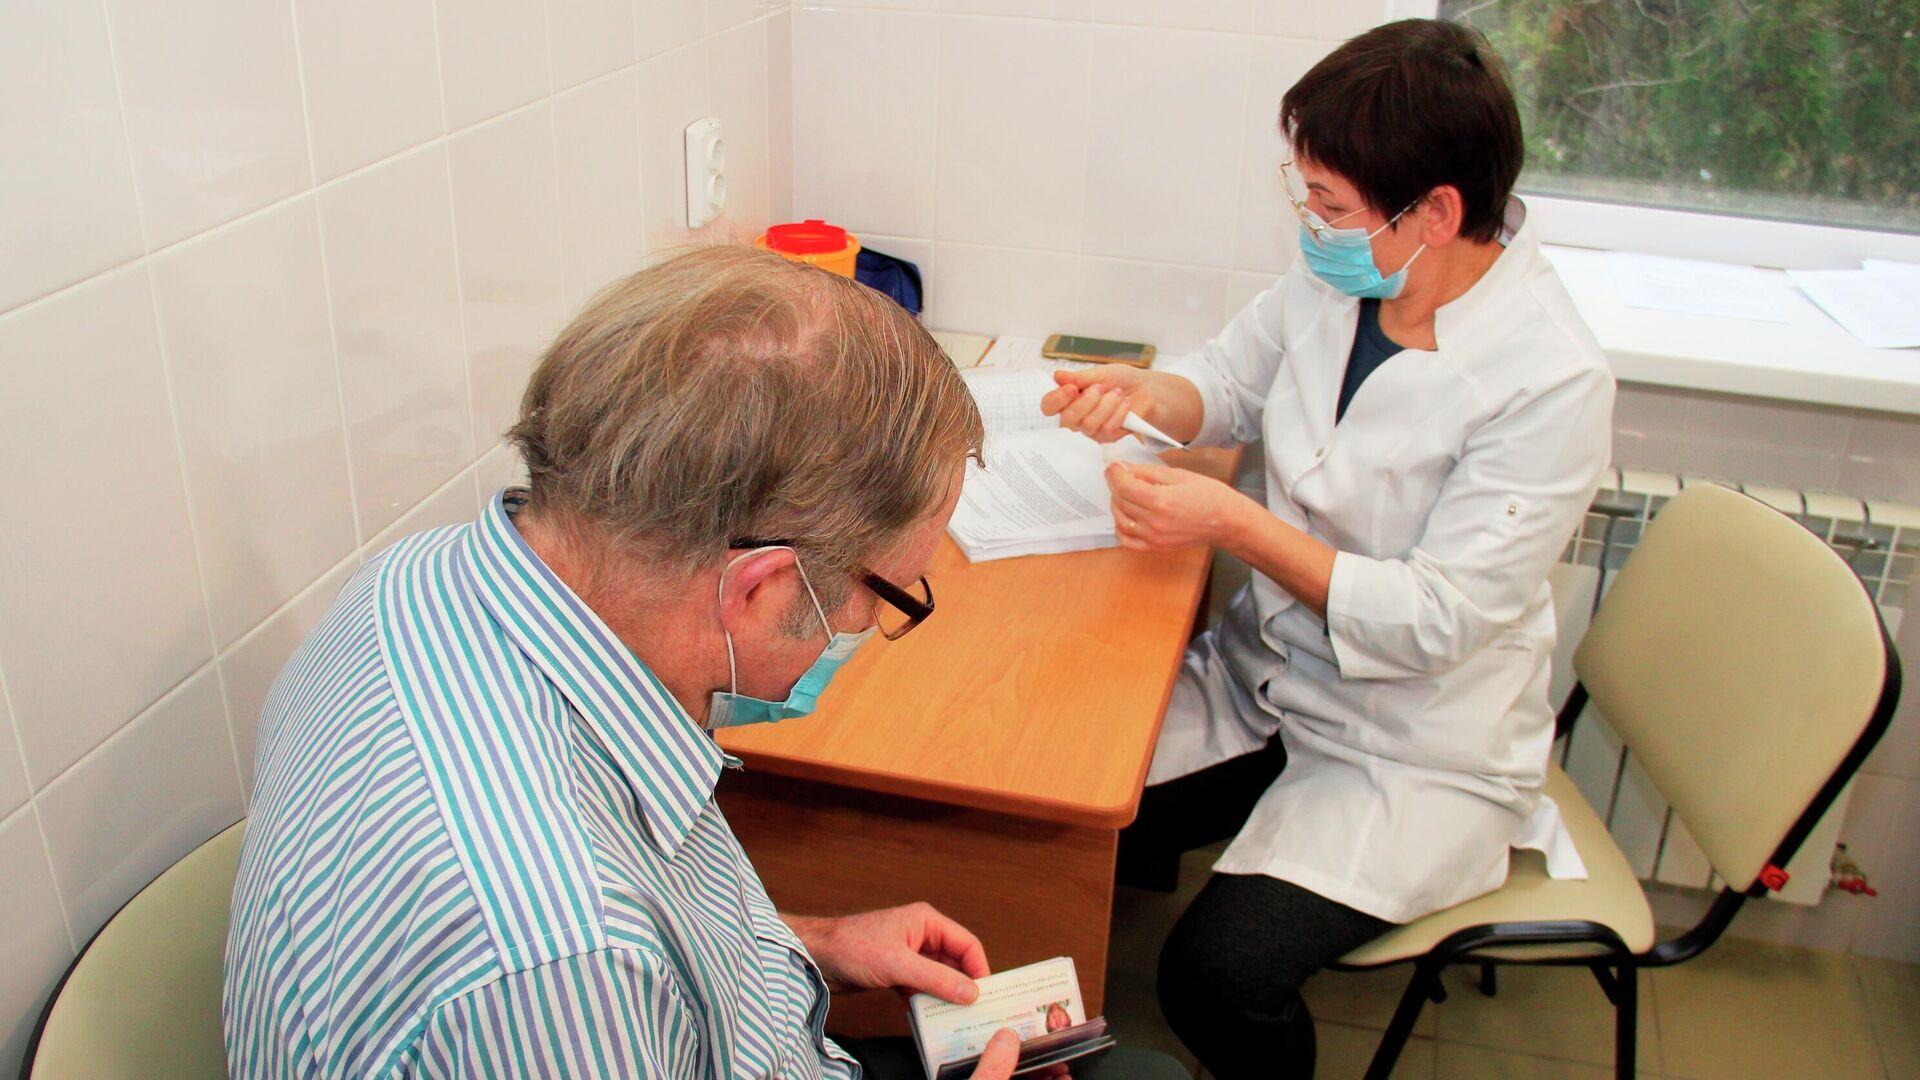 Гражданин США Брюс Уотс Бевен оформляет документы для вакцинации от коронавируса российской вакциной Спутник V (Гам-КОВИД-Вак) в поликлинике в Евпатории - РИА Новости, 1920, 13.03.2021